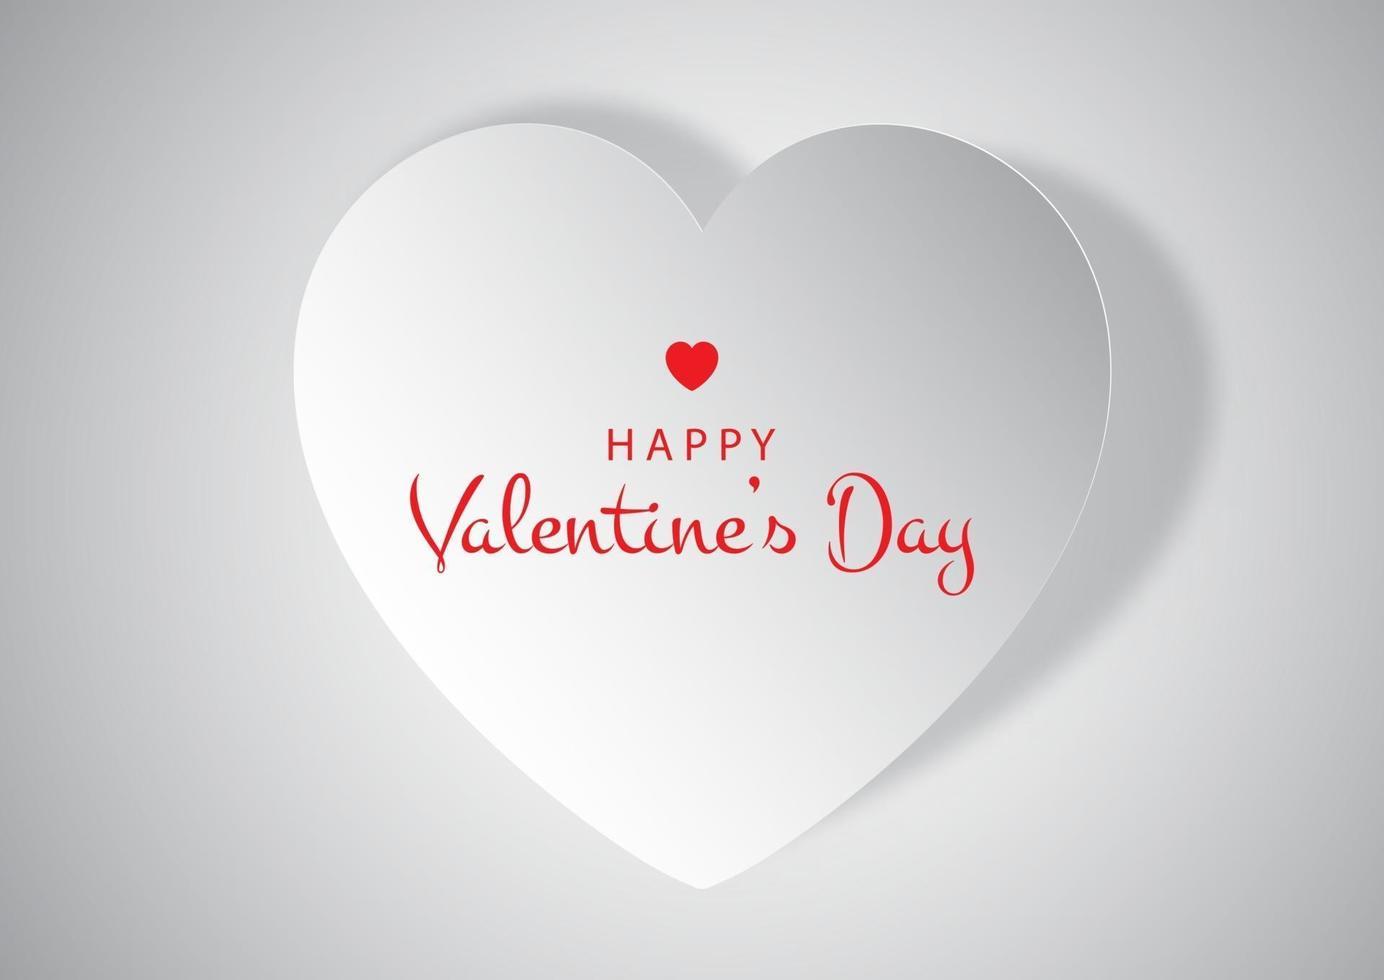 fondo de corazón cortado en papel del día de san valentín vector